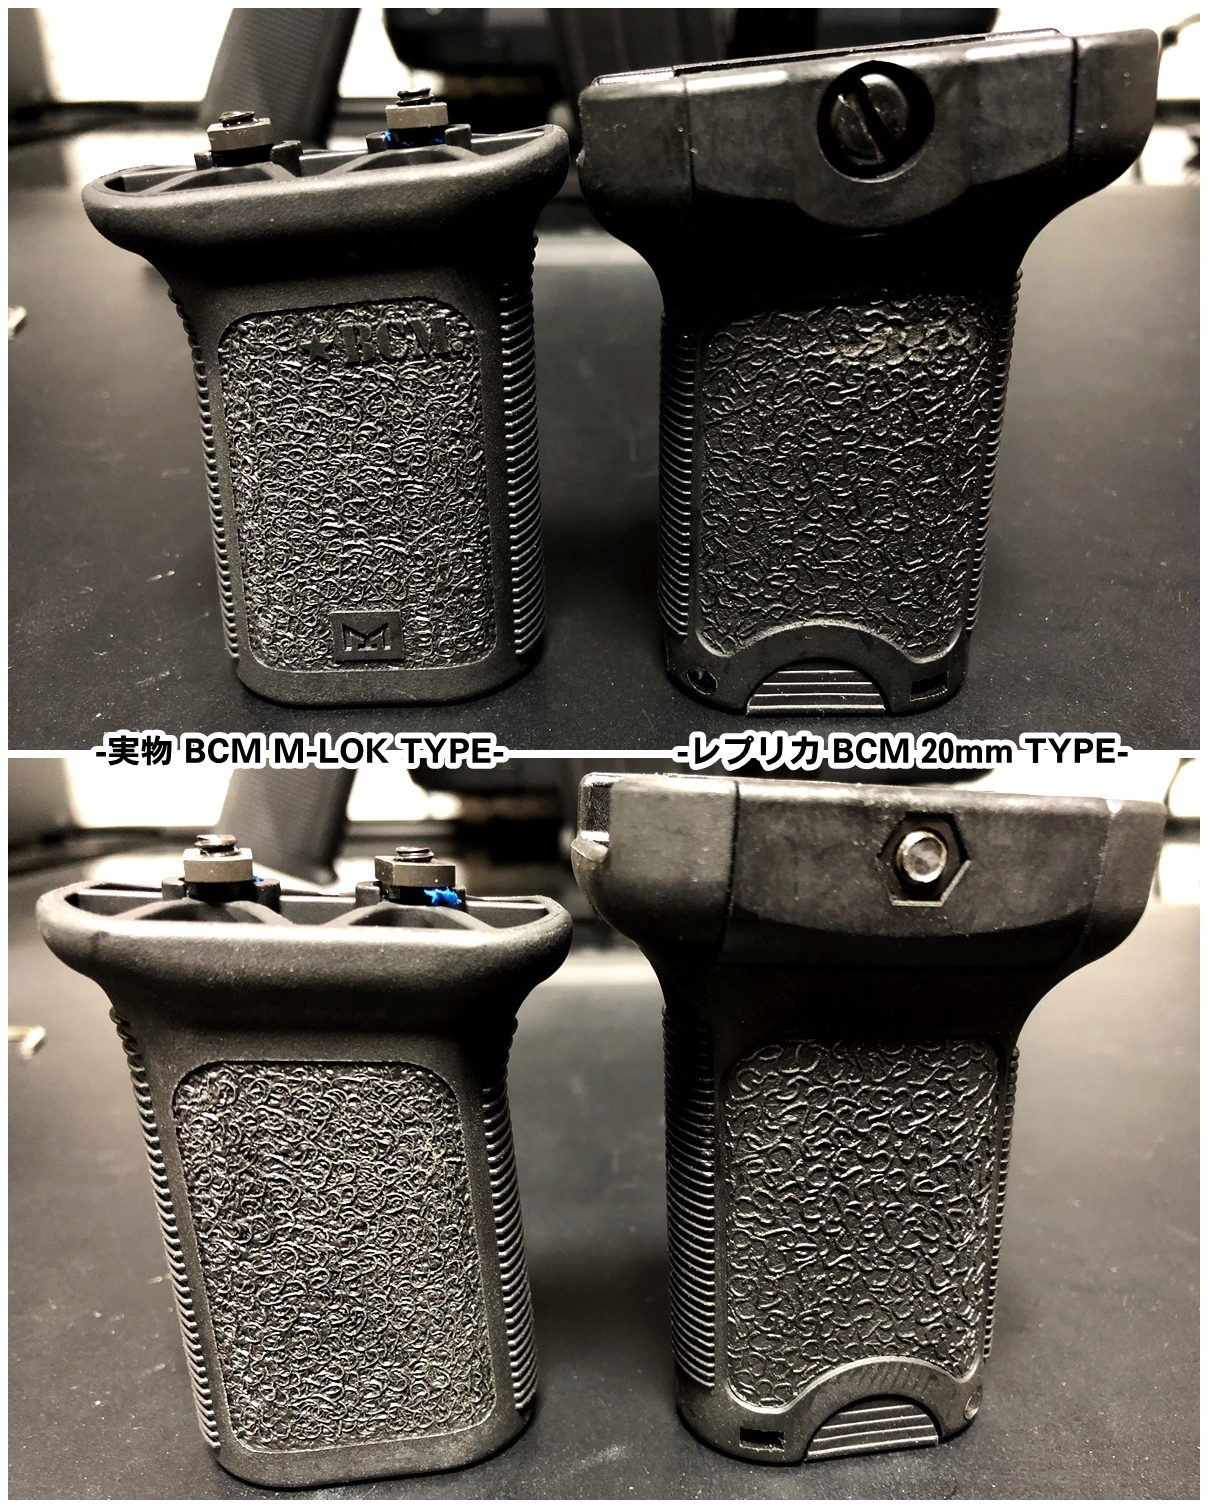 8 実物 BCM GUNFIGHTER VERTICAL GRIP MOD3 M-LOK Compatible ガンファイター バーティカル グリップ 実物 & レプリカ 違い 検証 取付 交換 正規品 新品 開封 カスタム レビュー